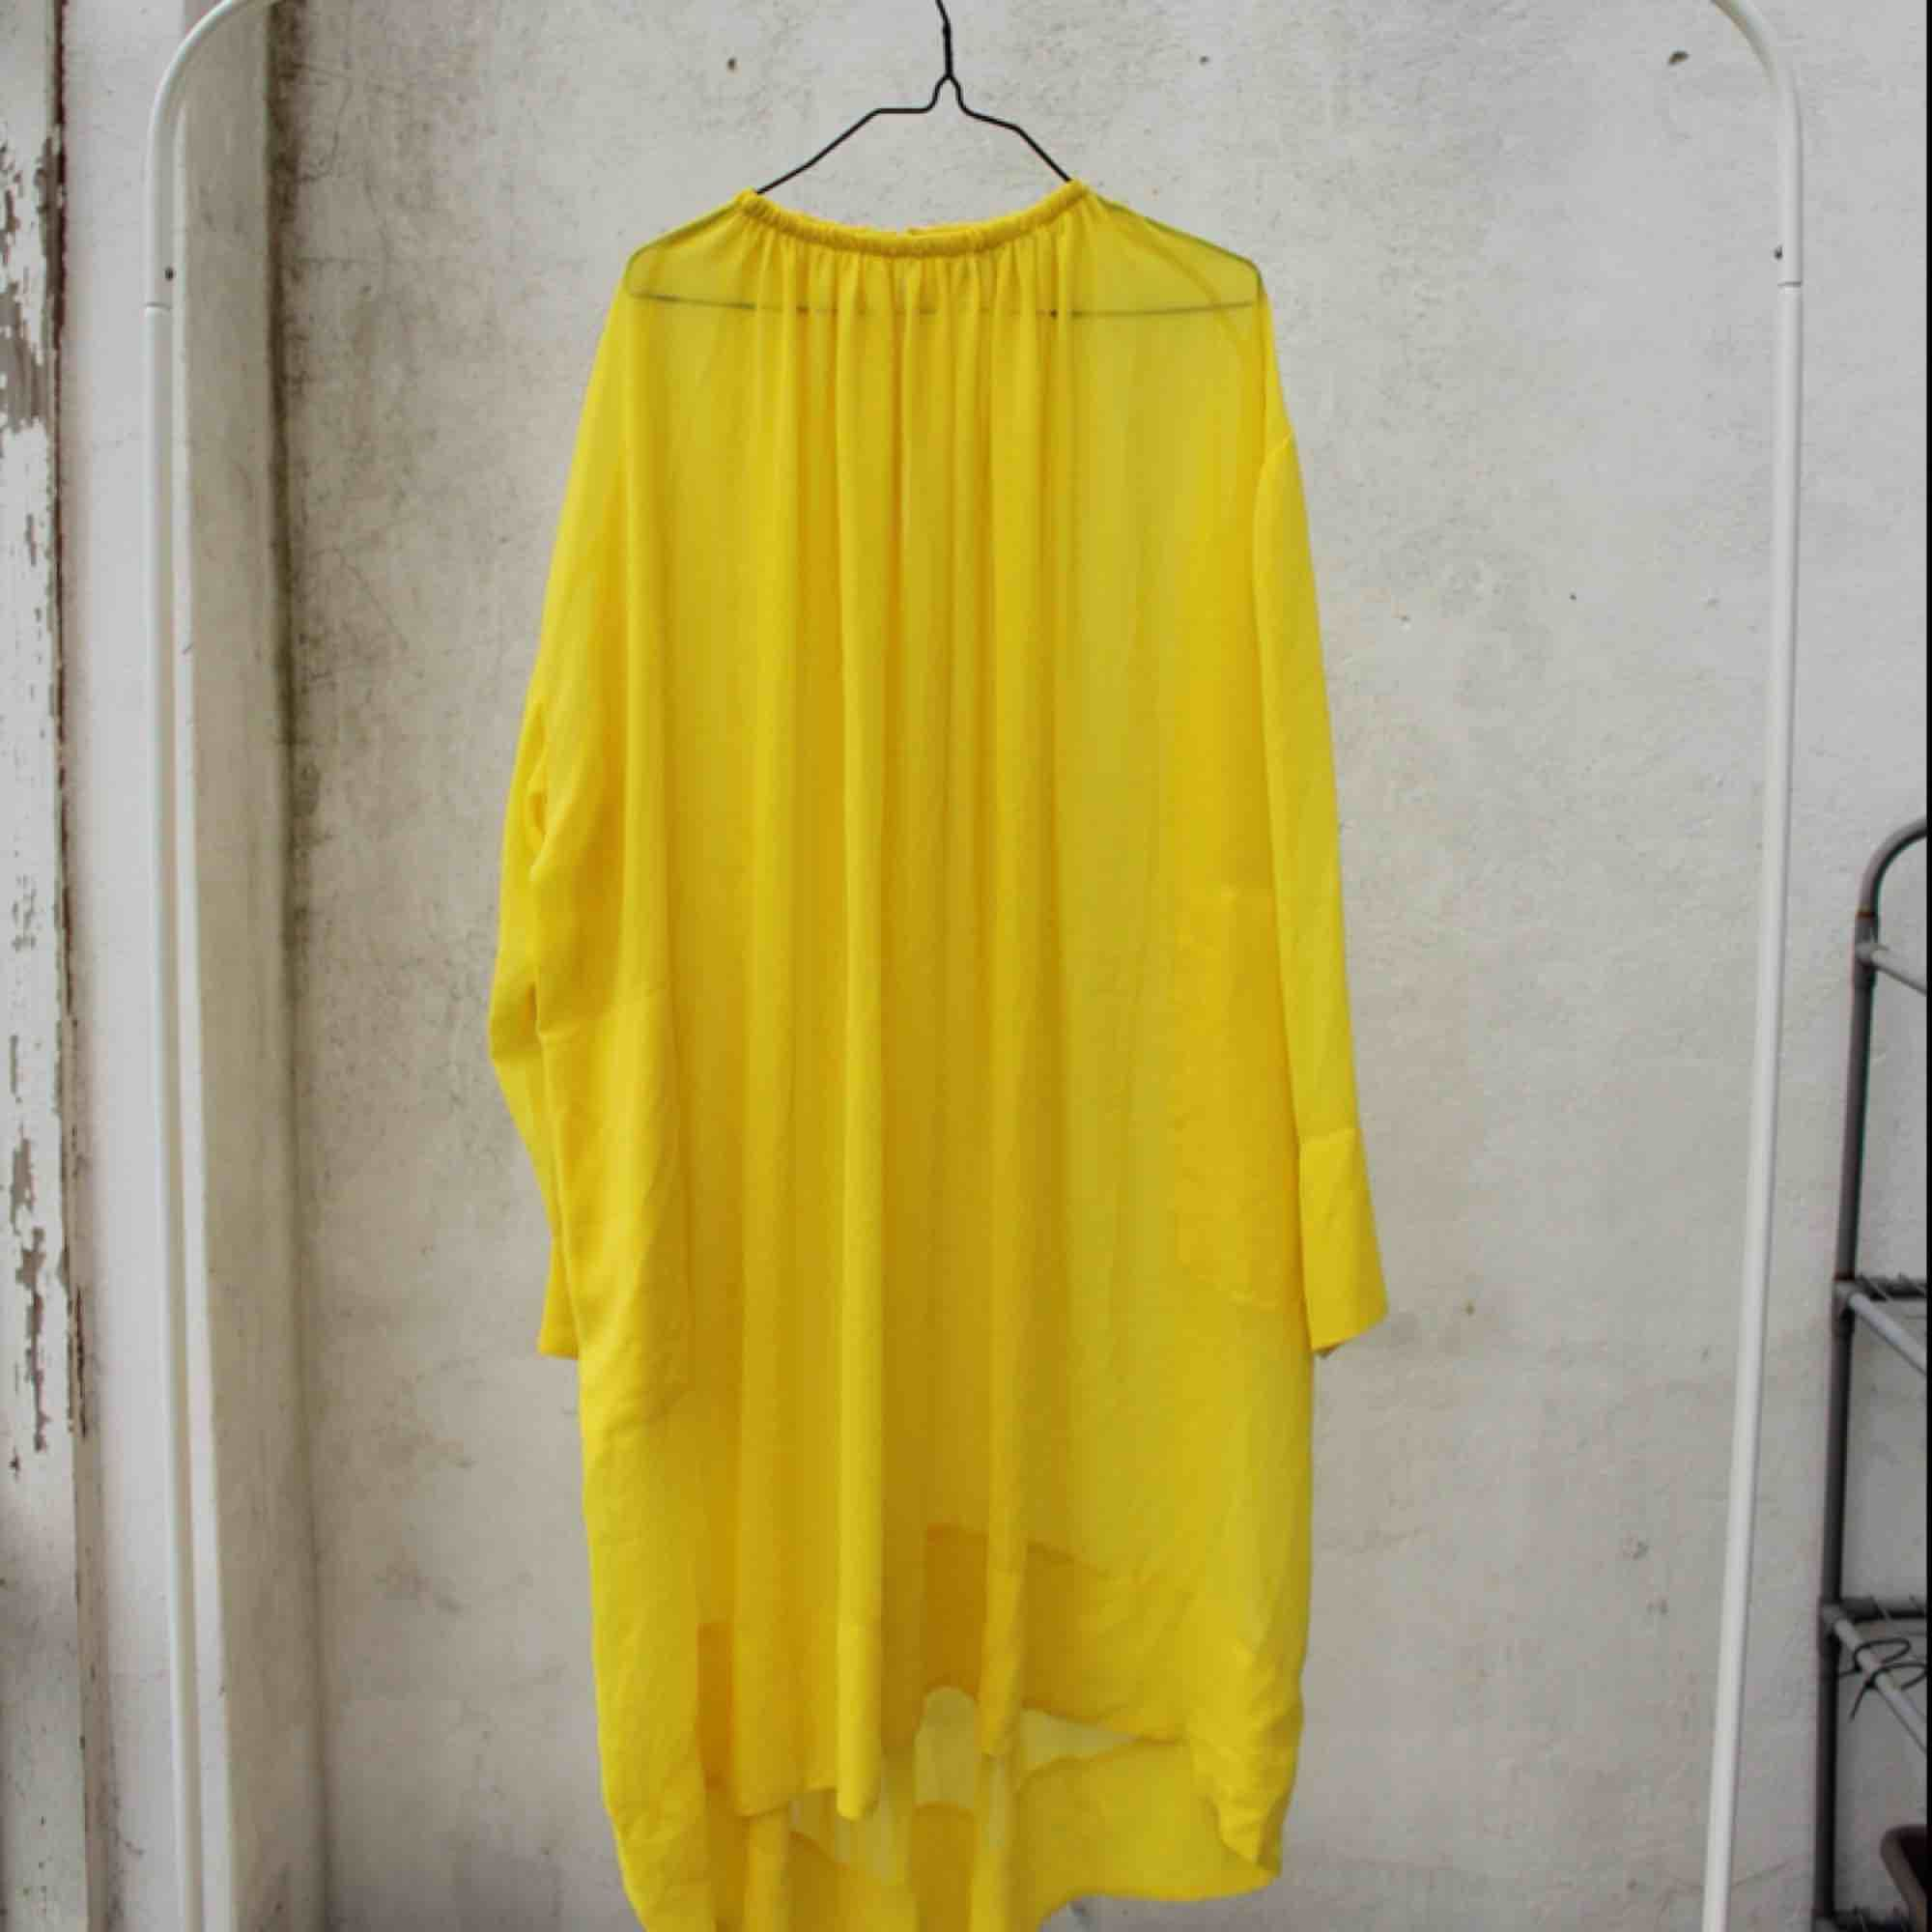 092a07ba5df9 gul genomskinlig klänning, perfekt till sommaren - vare sig till stranden  eller i staden ...